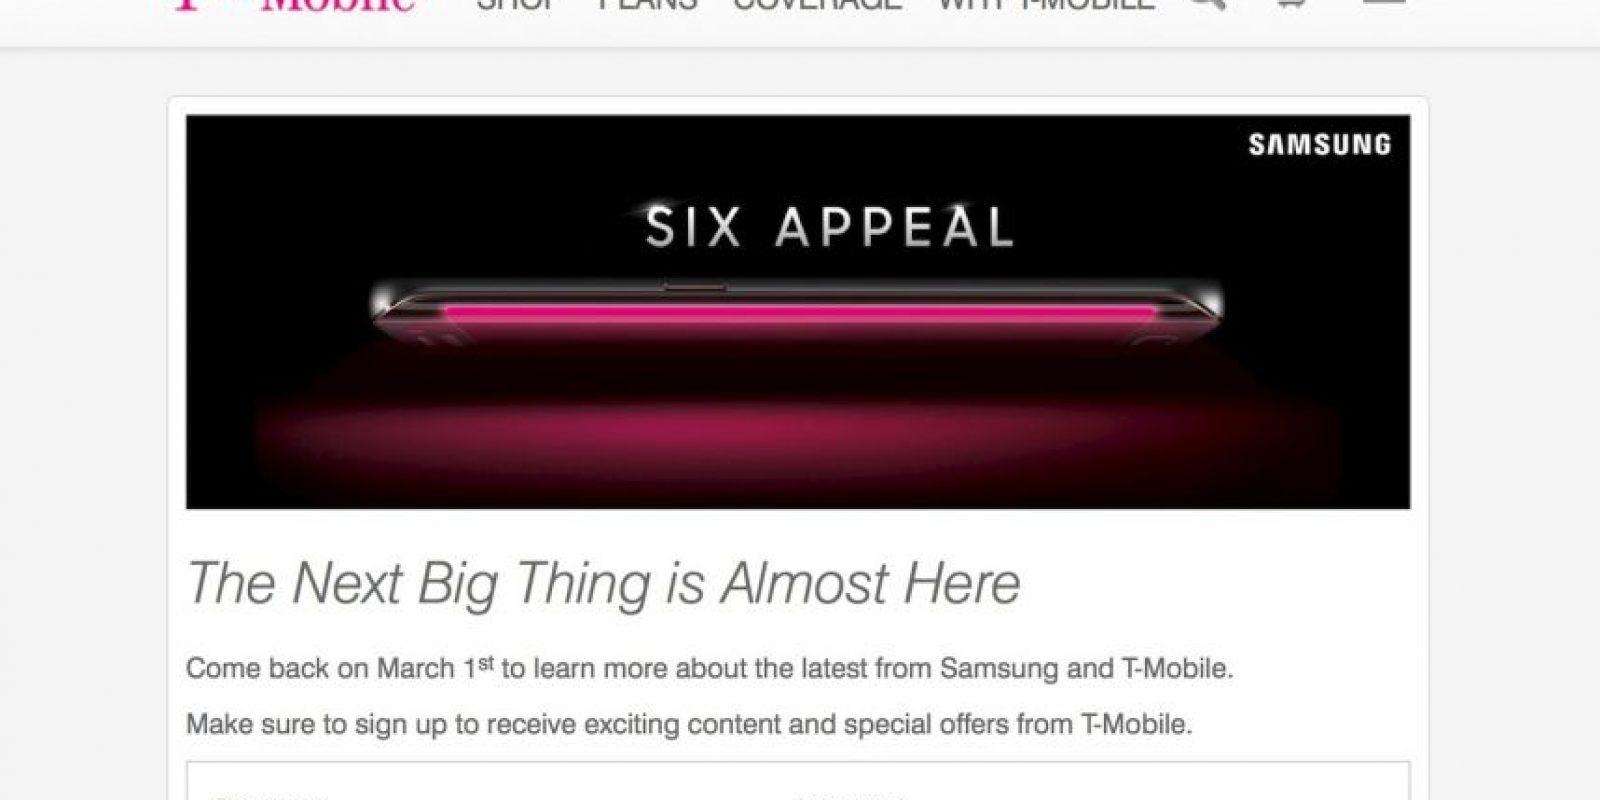 Usuarios de T-Mobile ya pueden reservar su nuevo smartphone. Foto:T-Mobile